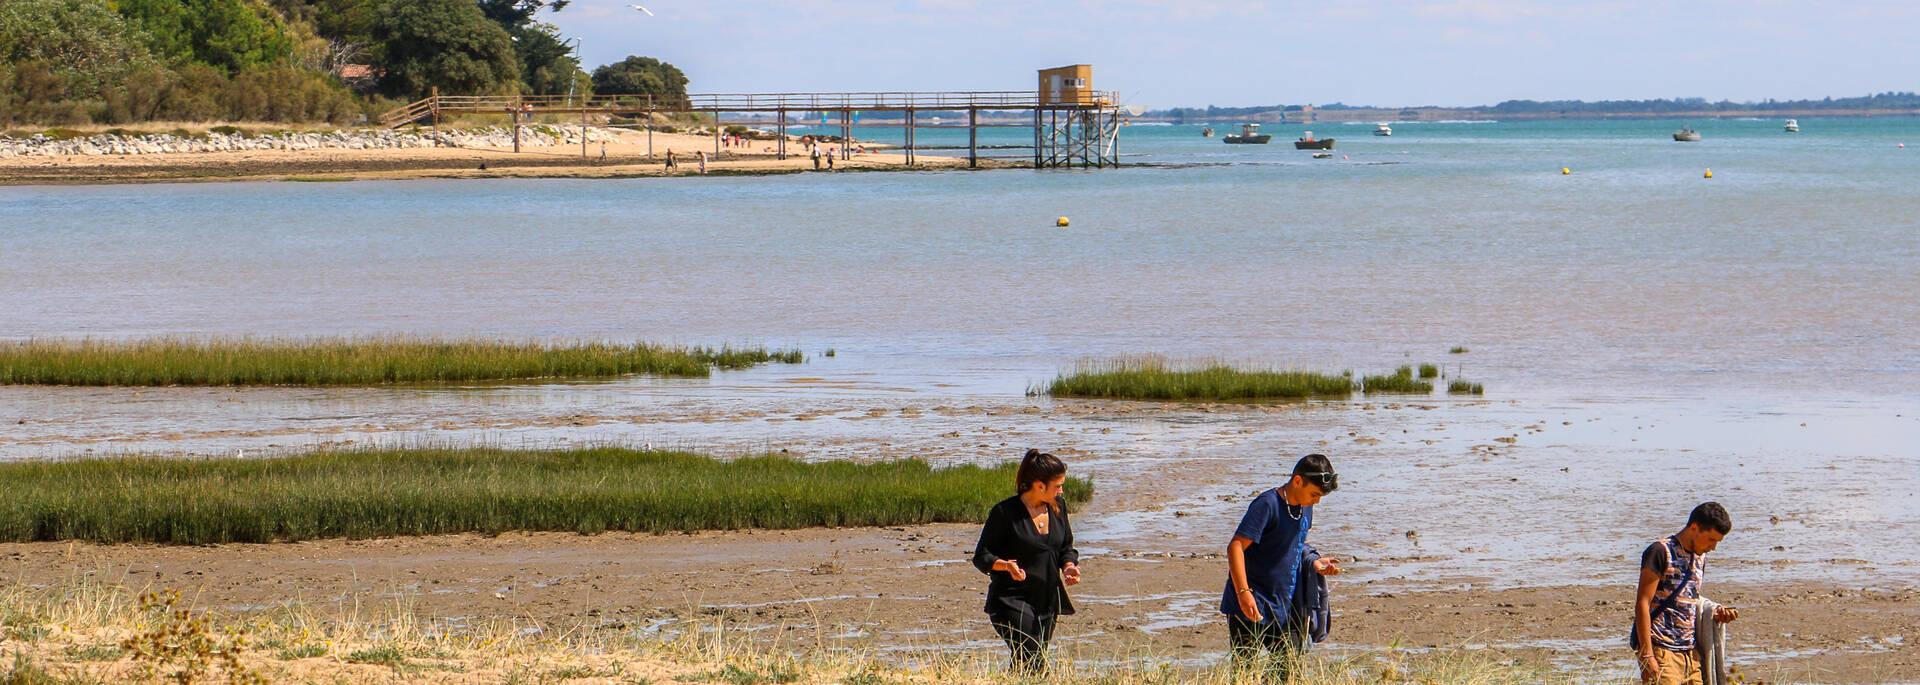 Plage de l'Anse du Saillant à l'île d'Aix - © Office de Tourisme Rochefort Océan